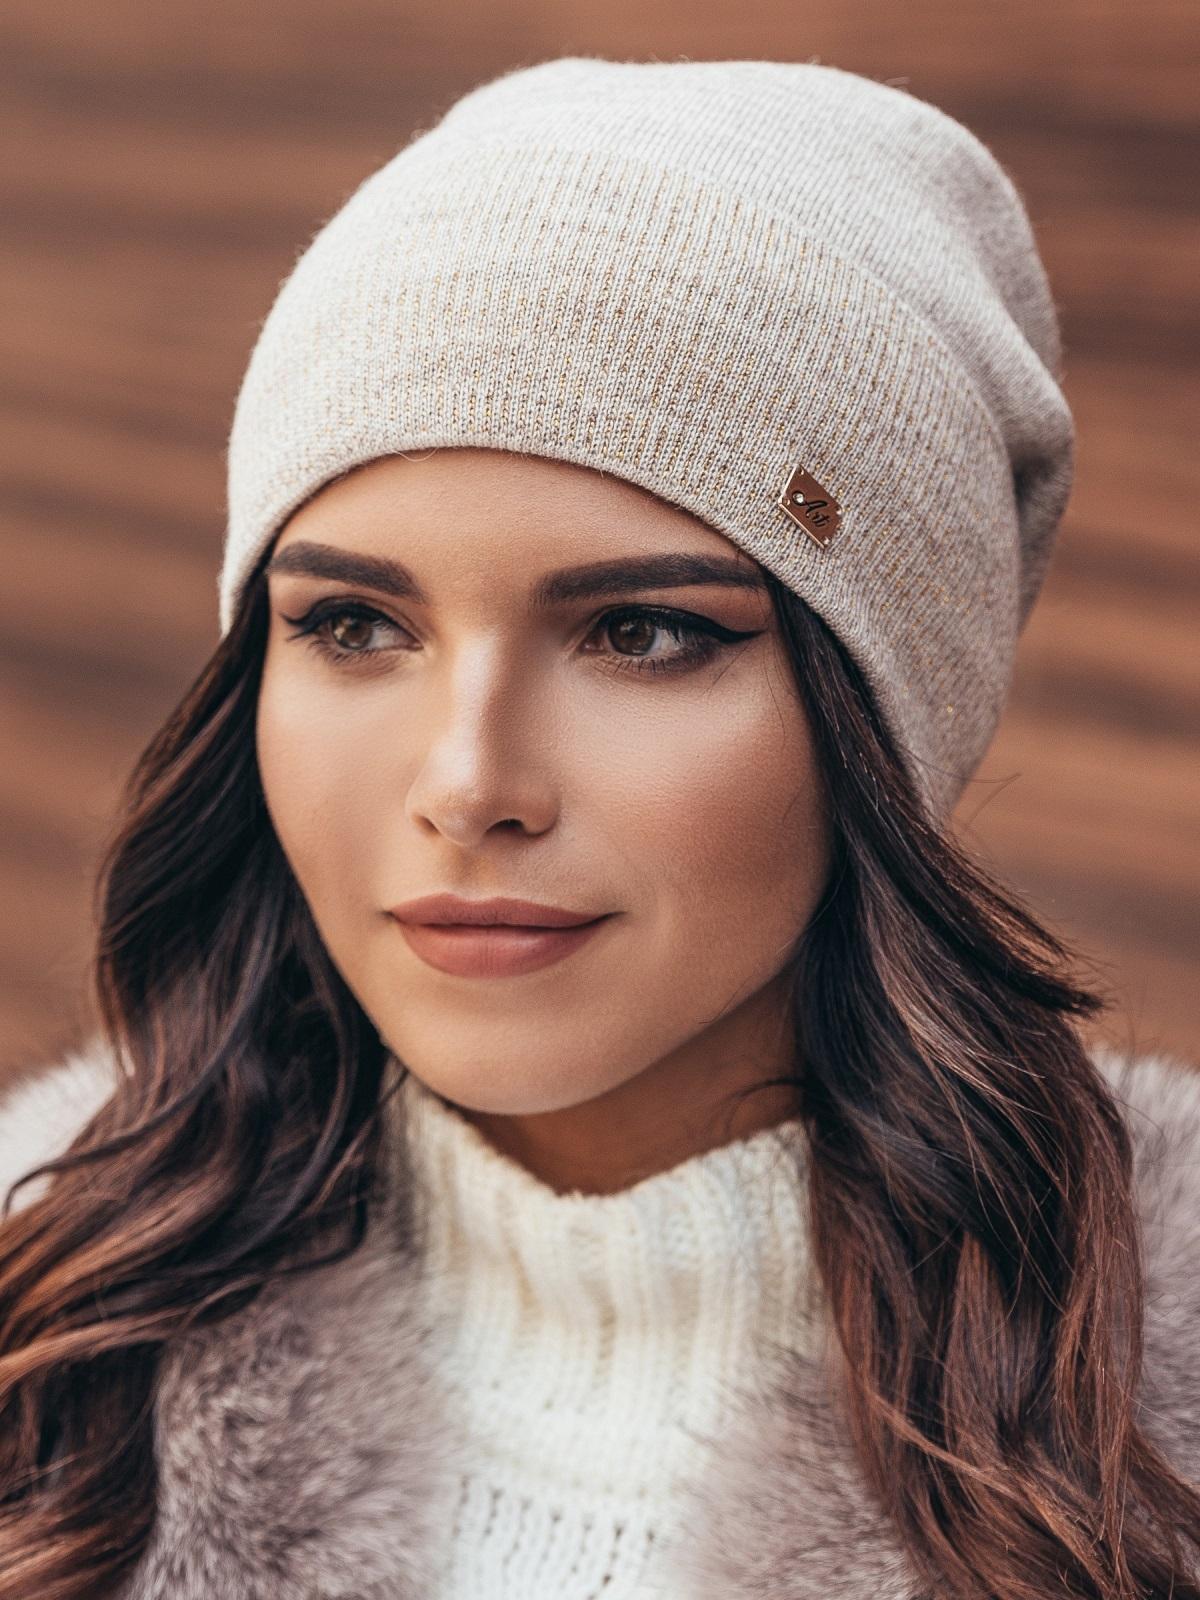 Зимняя шапка без помпона с нитью люрекса бежевая - 14732, фото 1 – интернет-магазин Dressa